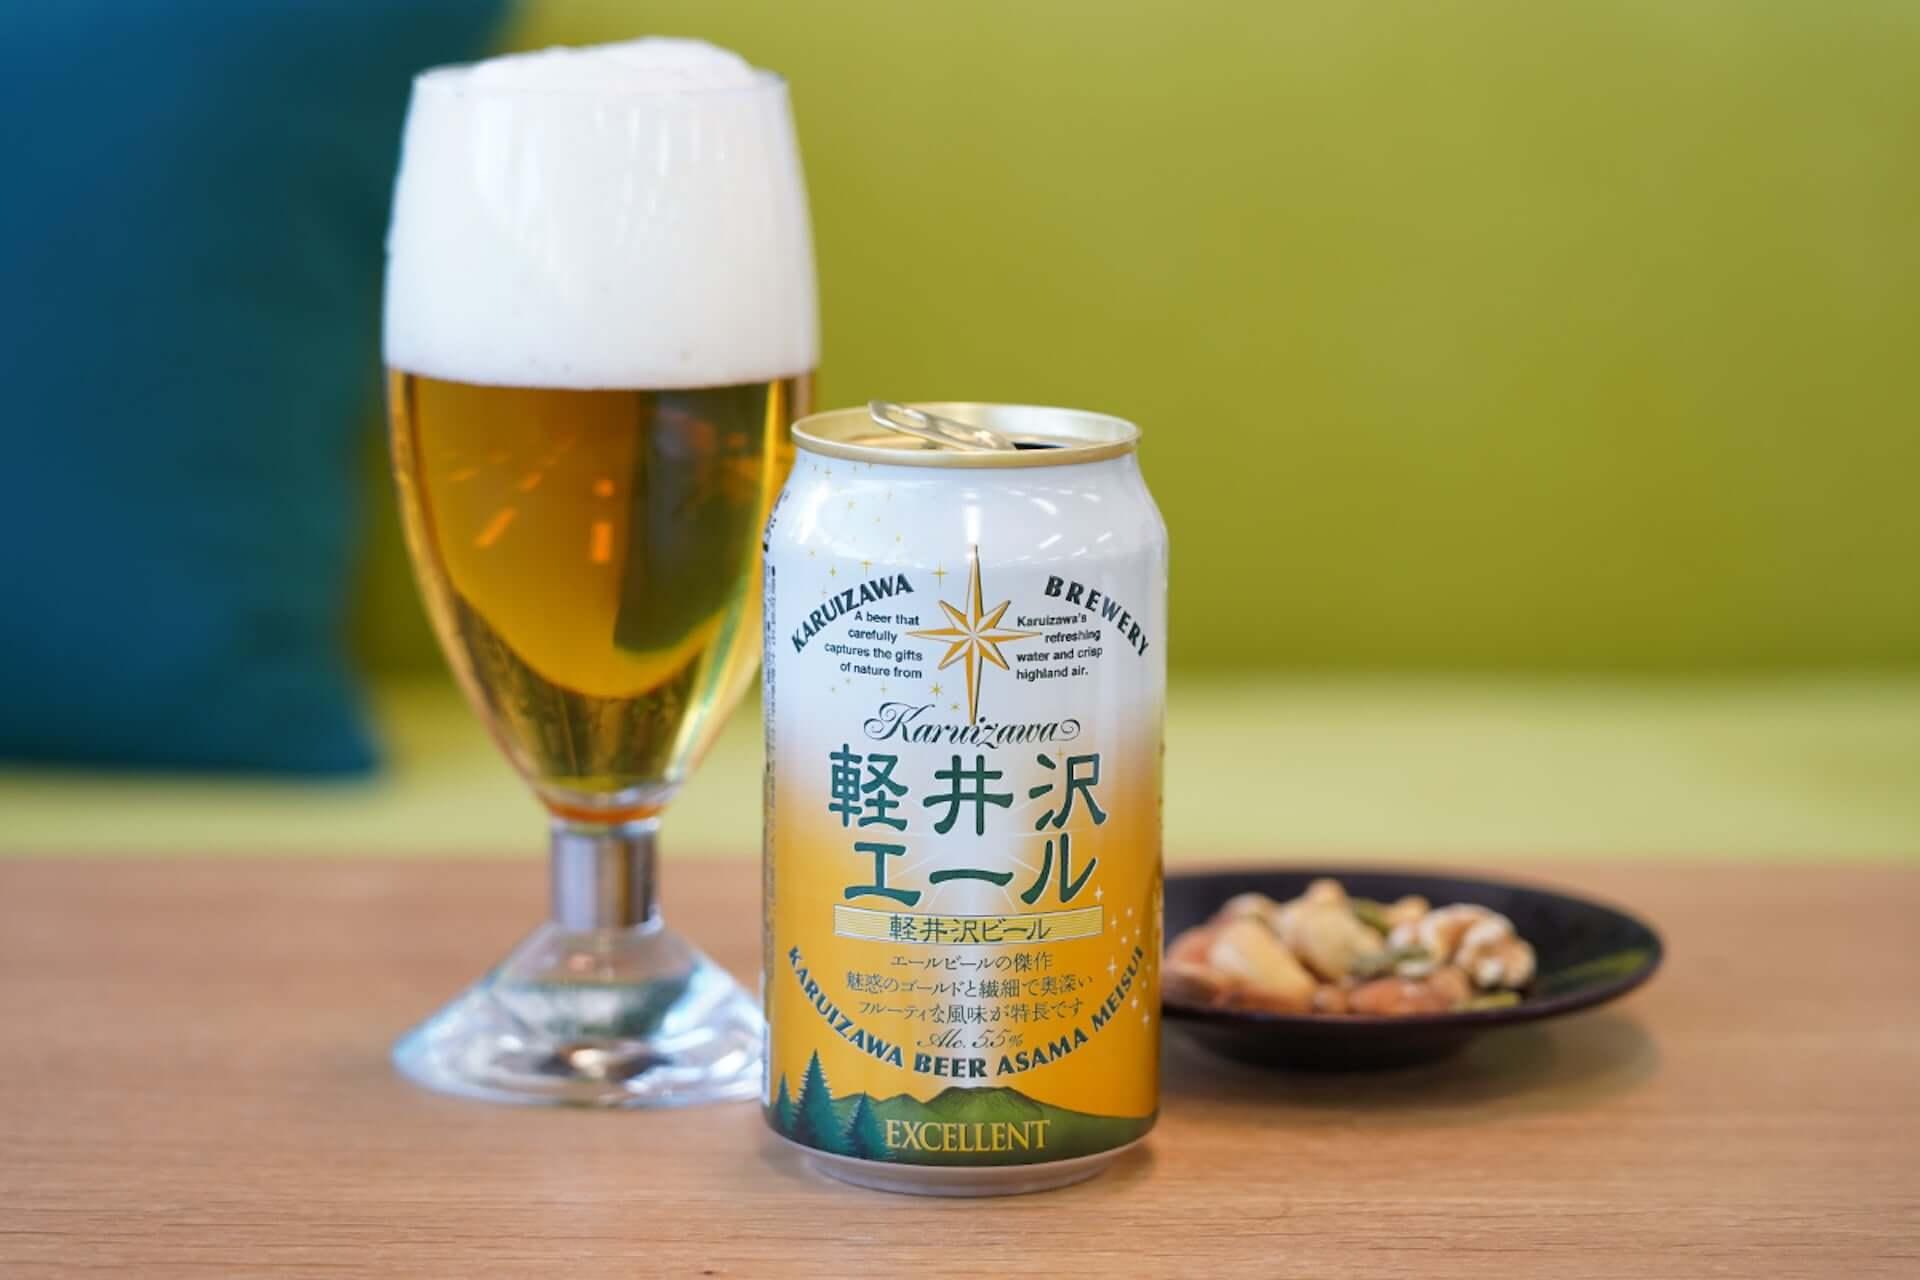 父の日限定の地ビール・クラフトビール8本飲み比べセットが登場!感謝のメッセージ付きギフトボックス gourmet200611_karuizawabeer_10-1920x1280